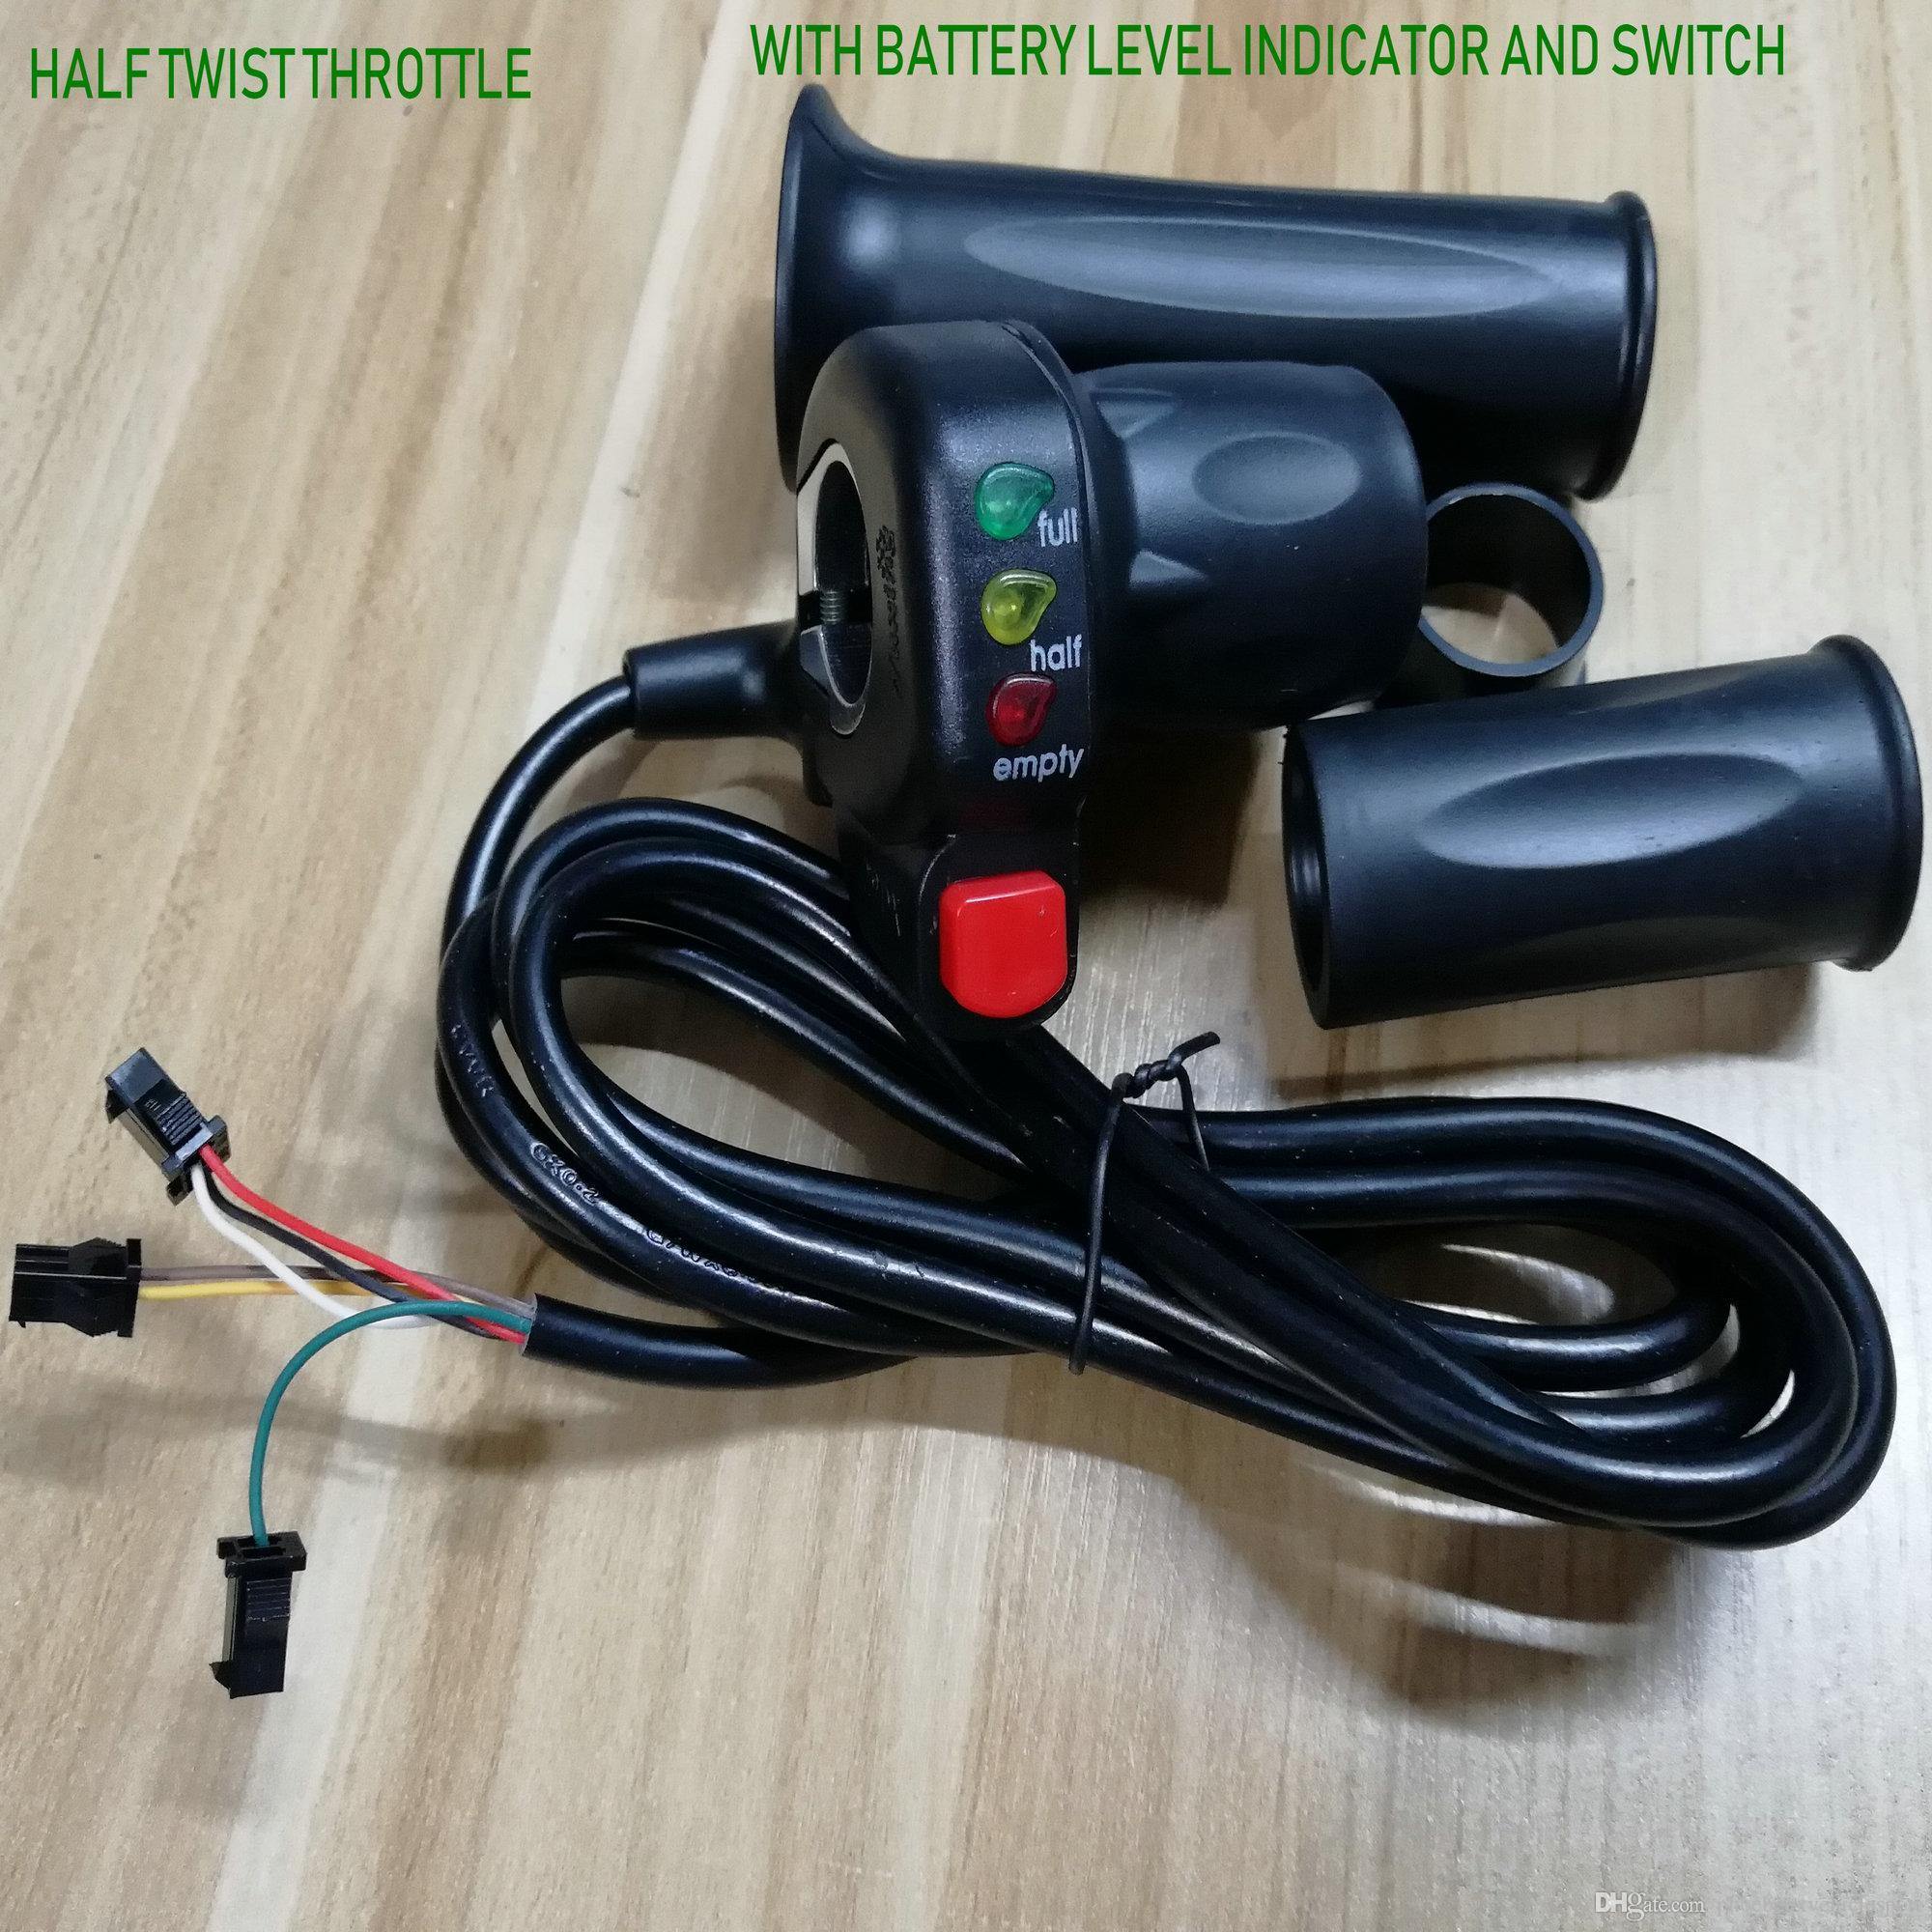 Elektrikli scooter bisiklet üç tekerlekli bisiklet için lightsswitch hızlandırıcı gidon kulpları belirten pil seviyesi göstergesi ile yarım döner bir gaz /